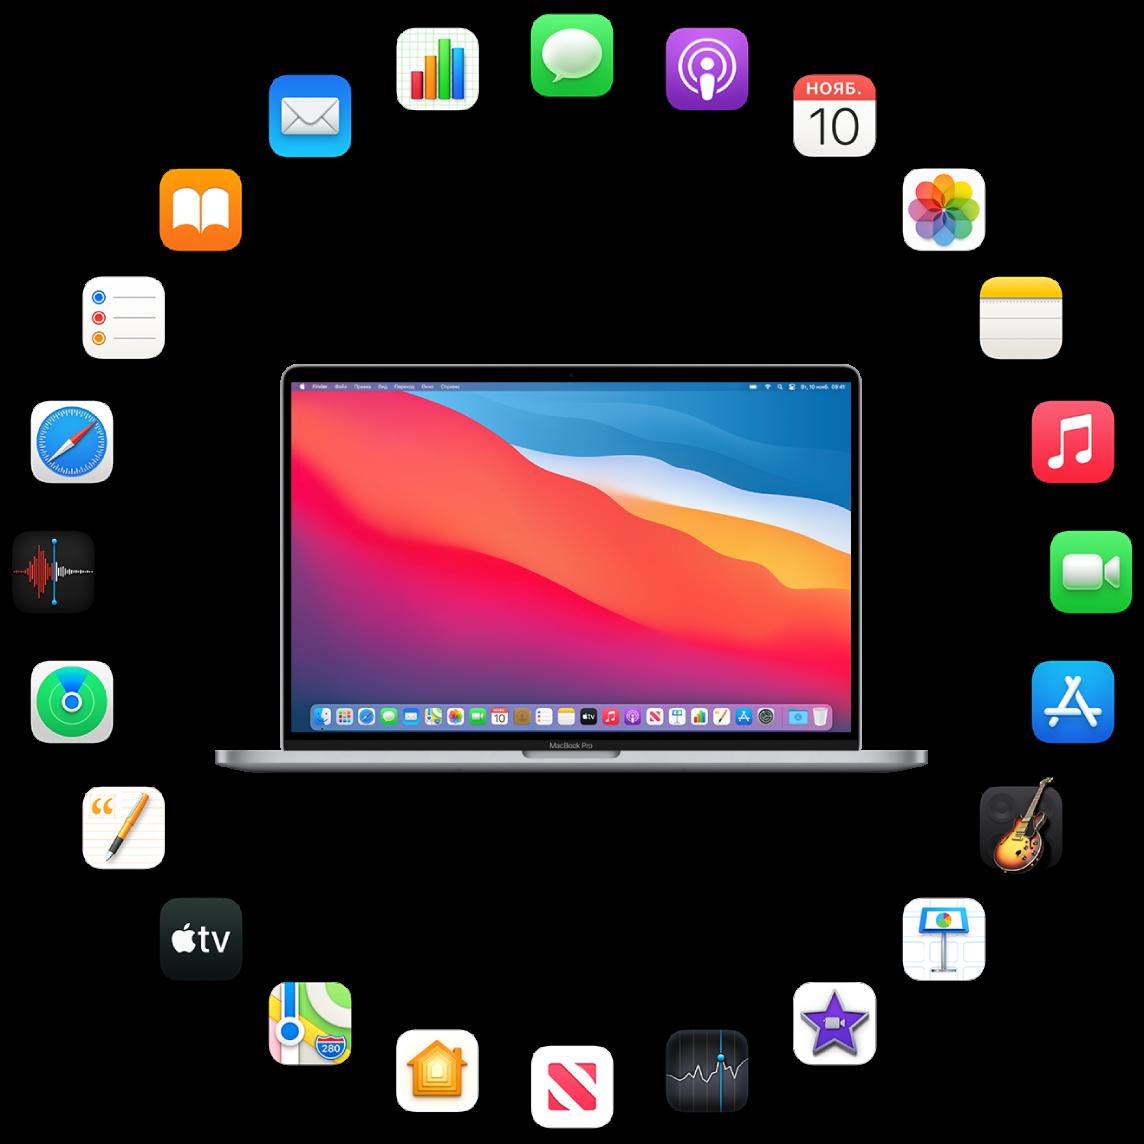 MacBookPro и значки установленных на нем приложений. Они описаны в следующих разделах.